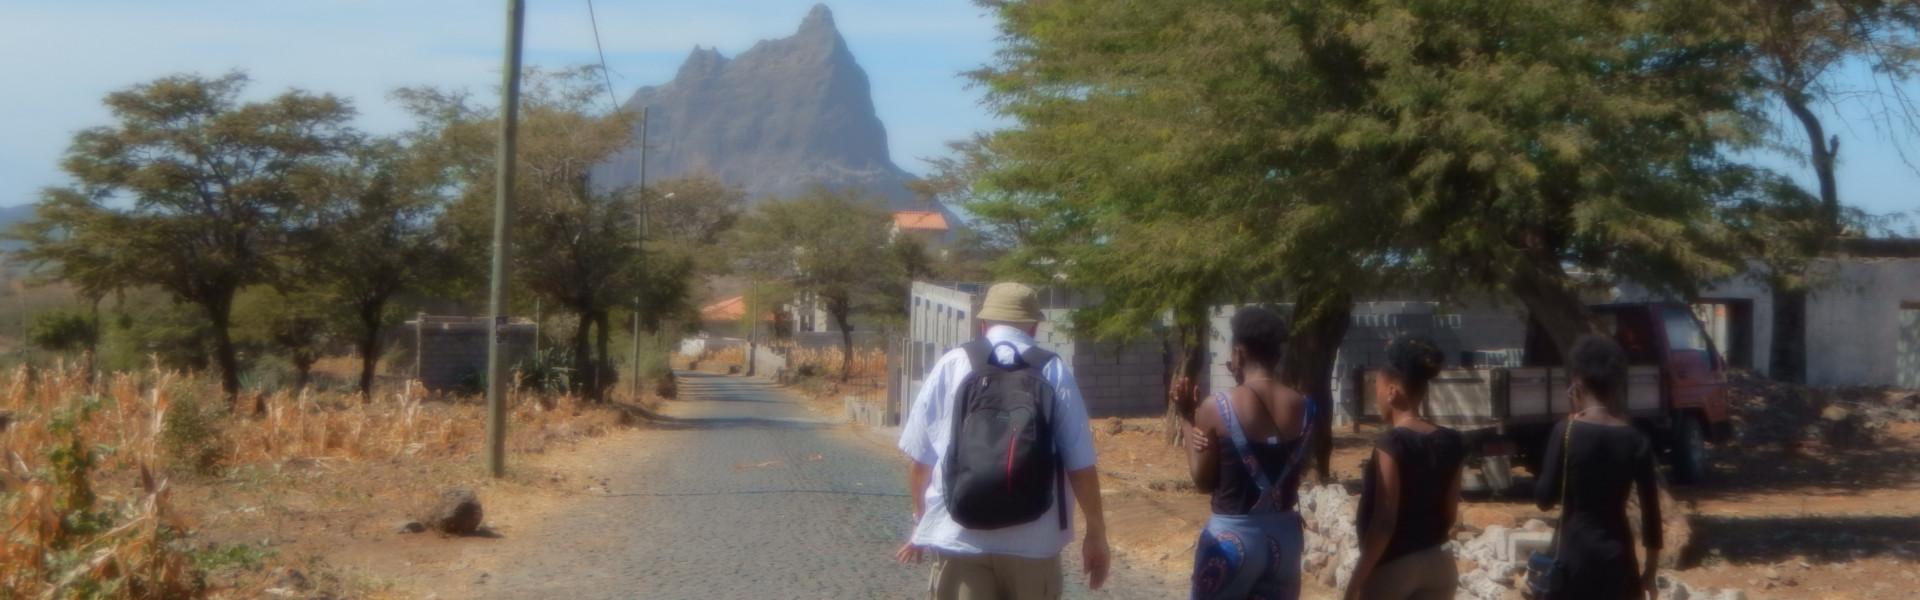 Main image ofImmersion au Cap Vert - Santiago